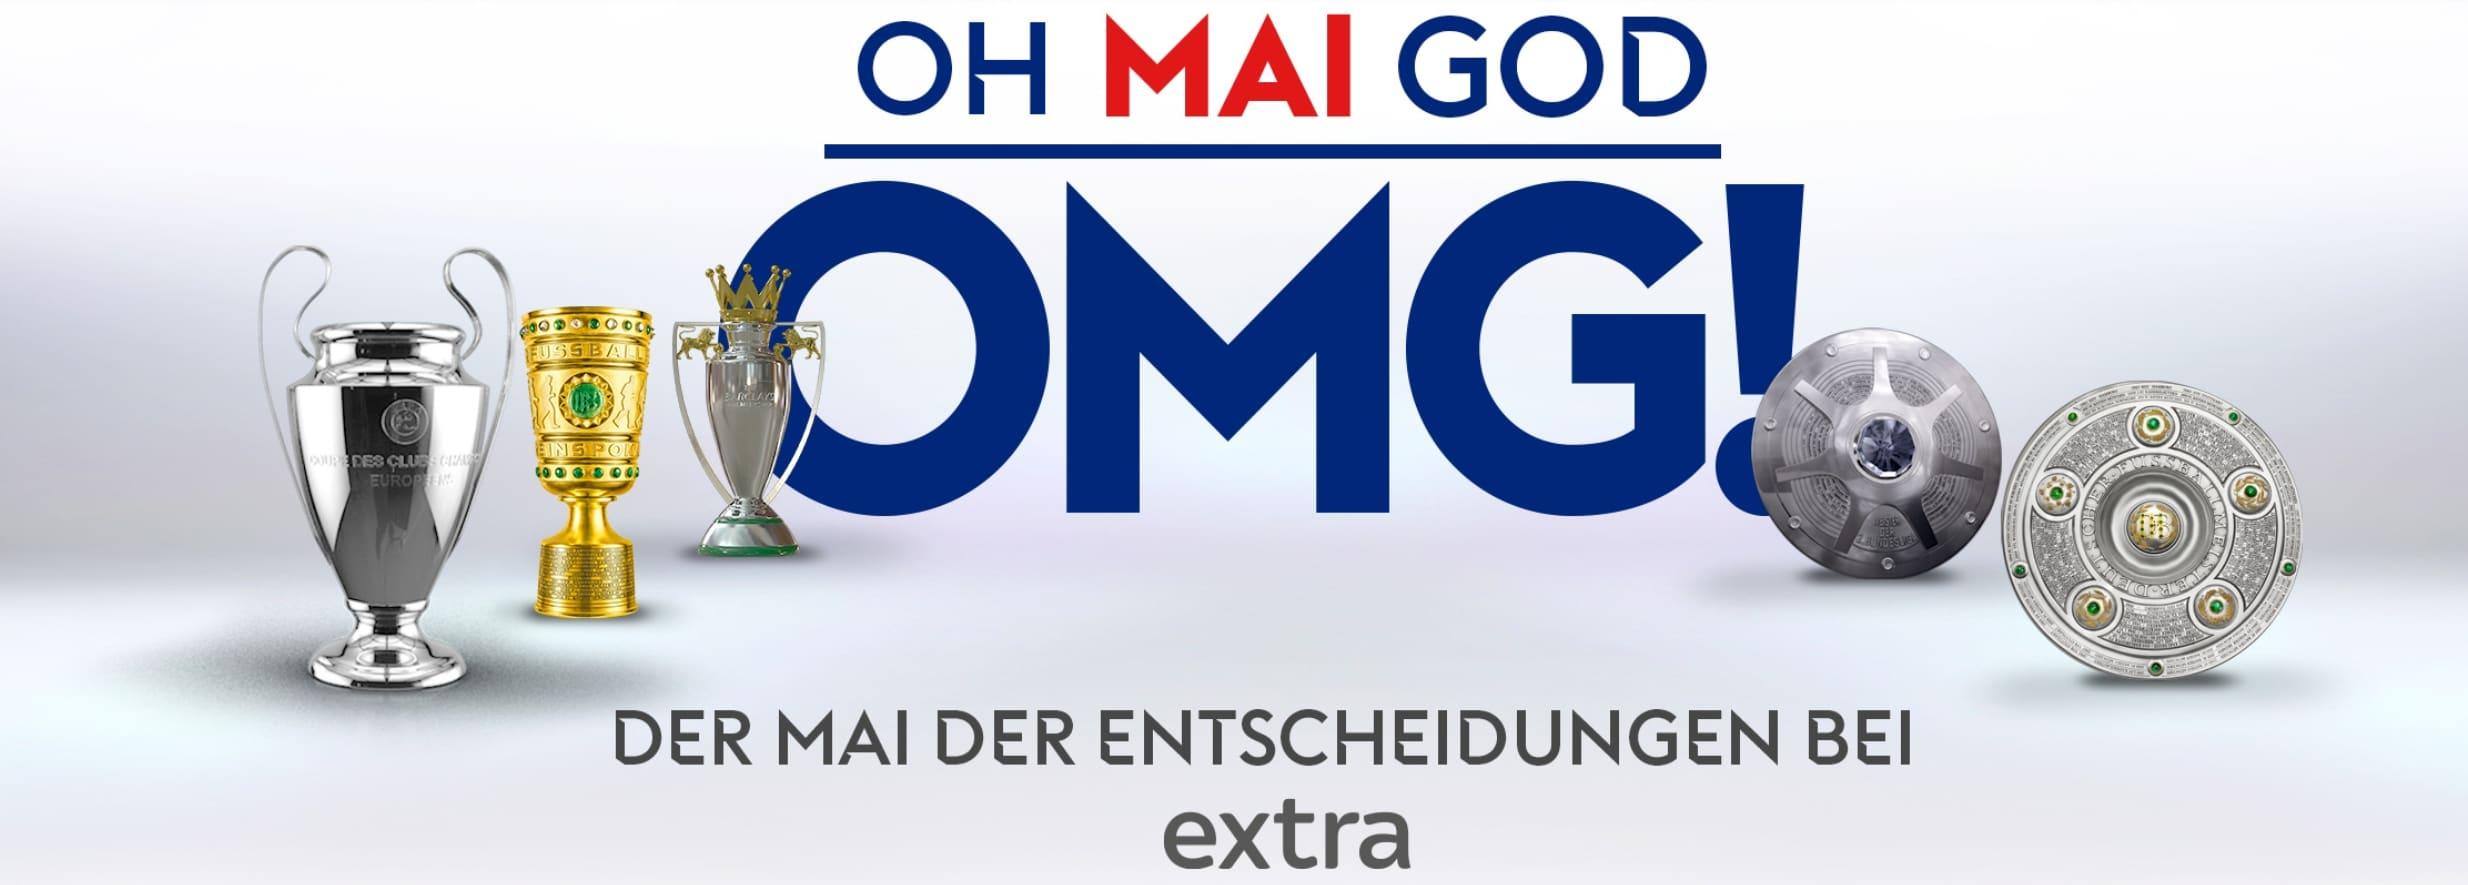 oh-mai-god-extra-mai-der-entscheidungen